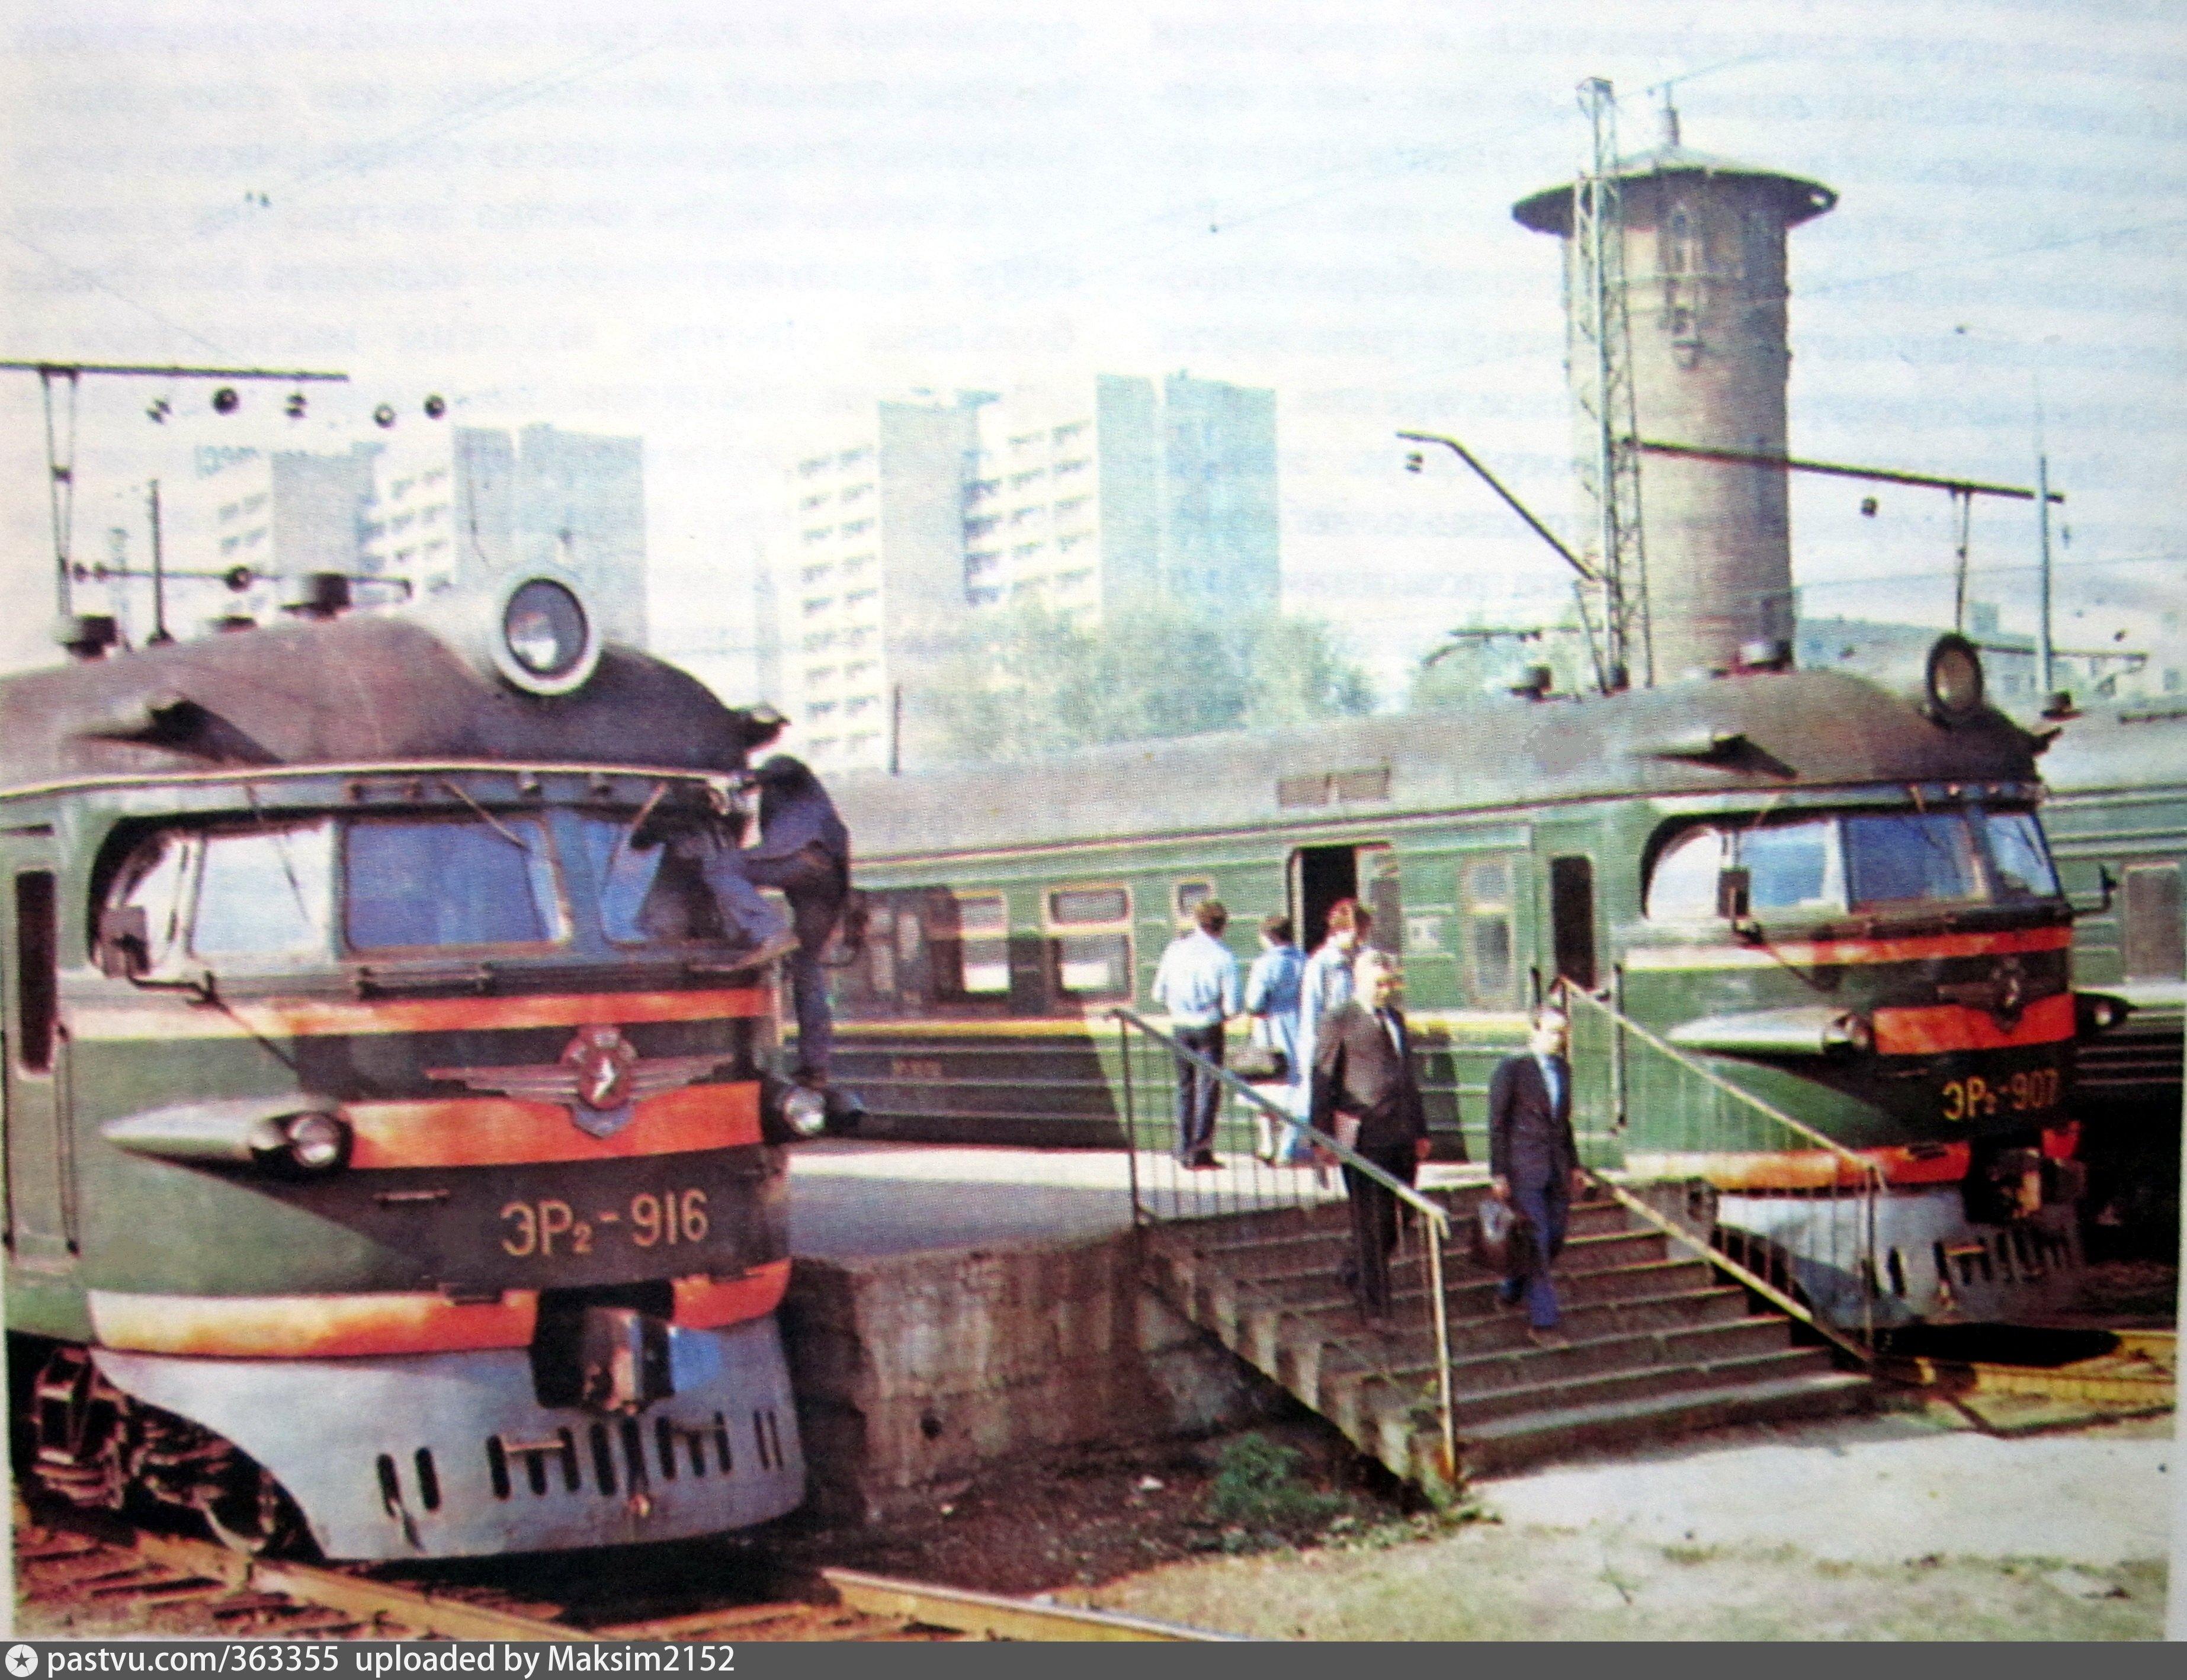 «Перед дорогой» - снимок электропоездов и водонапорной башни на Савёловском вокзале